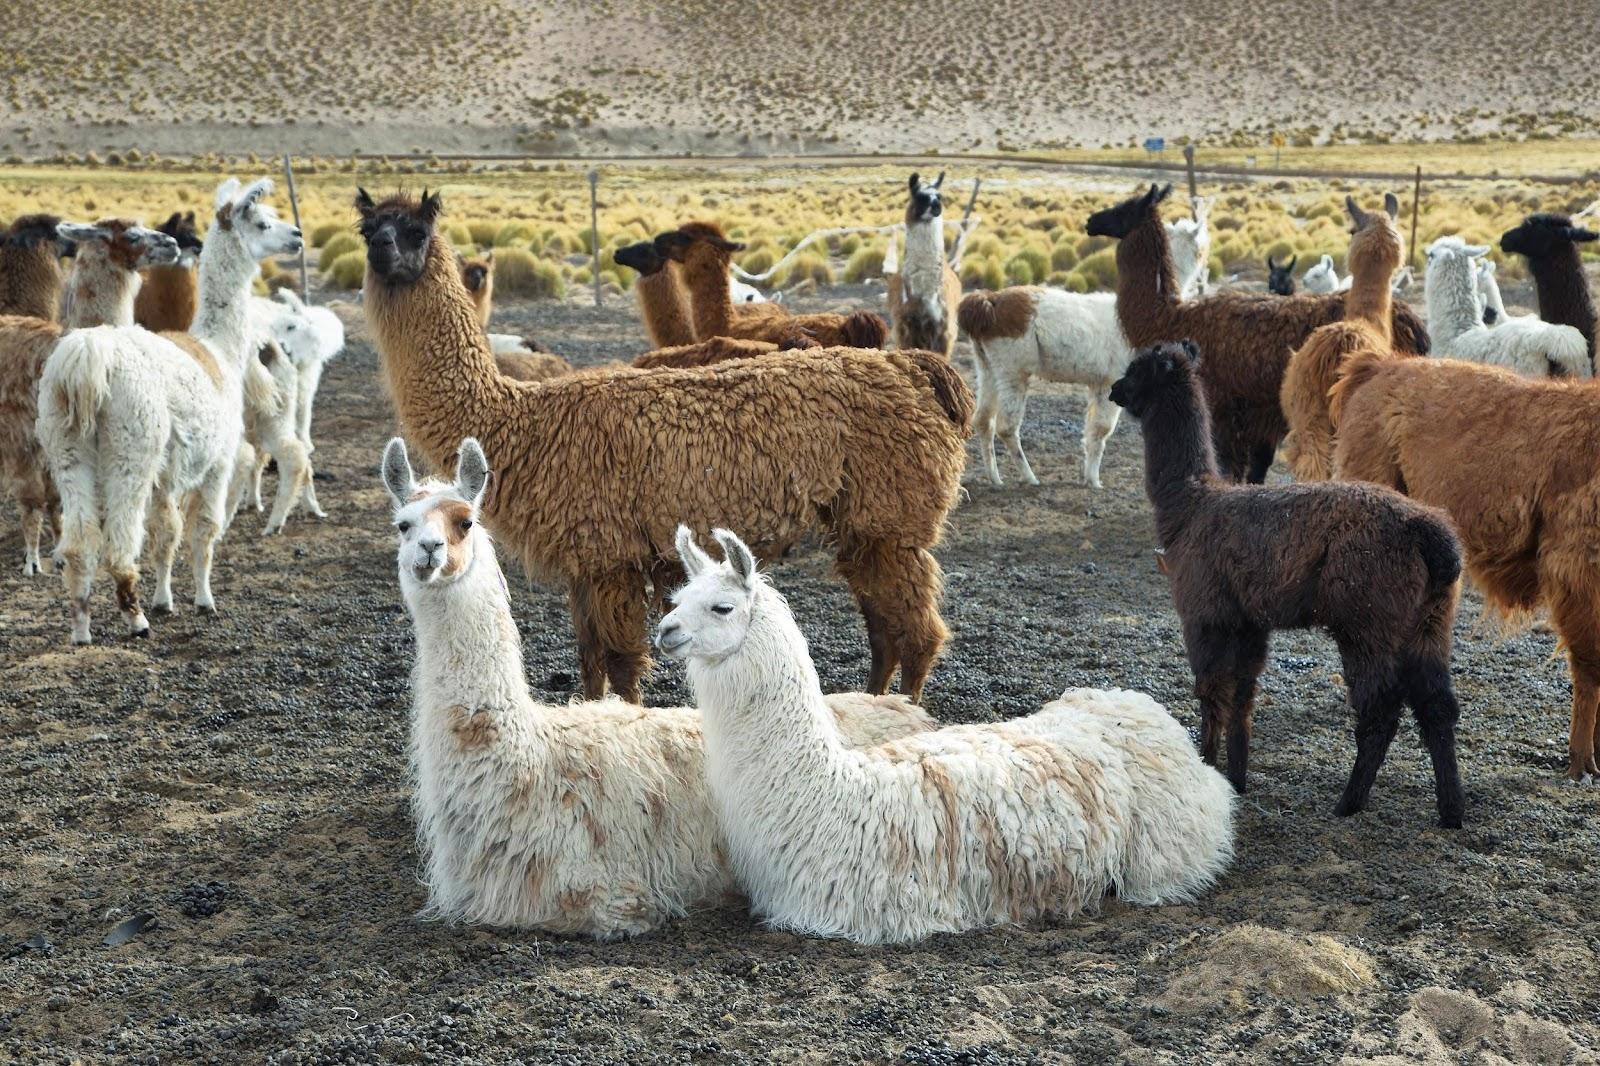 Explore Argentina - Llamas